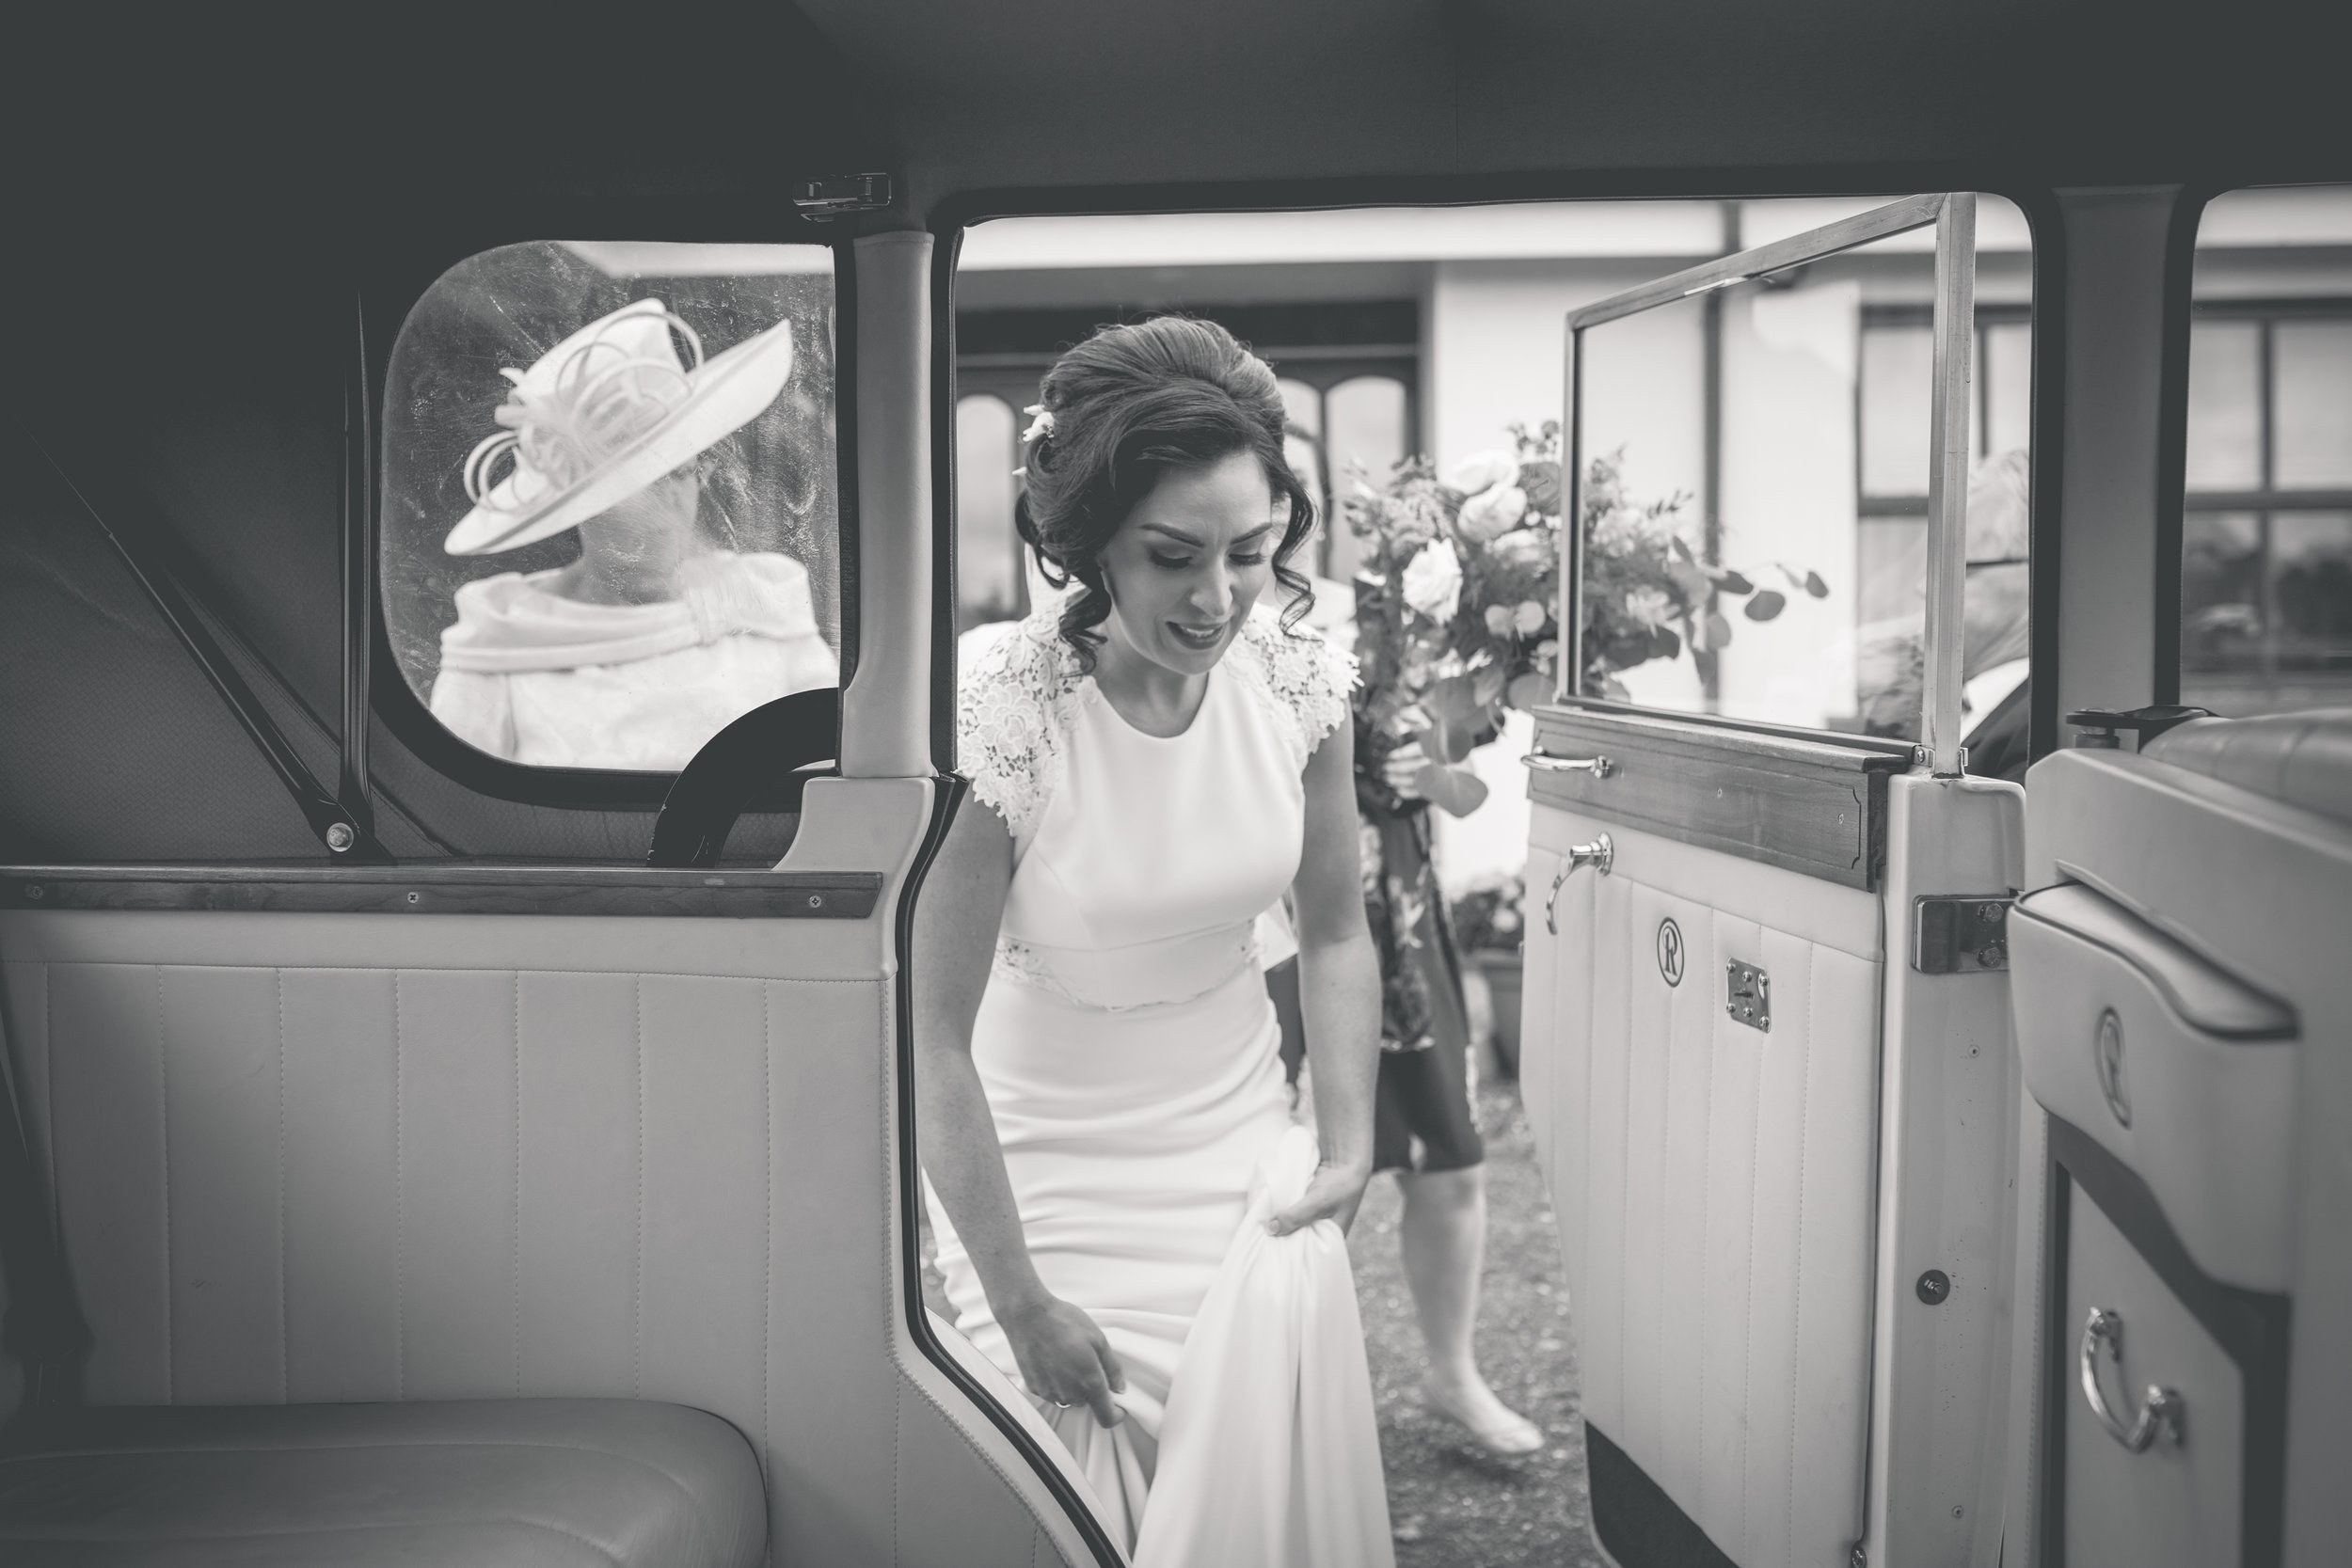 Brian McEwan Wedding Photography | Carol-Anne & Sean | Bridal Preparations-185.jpg